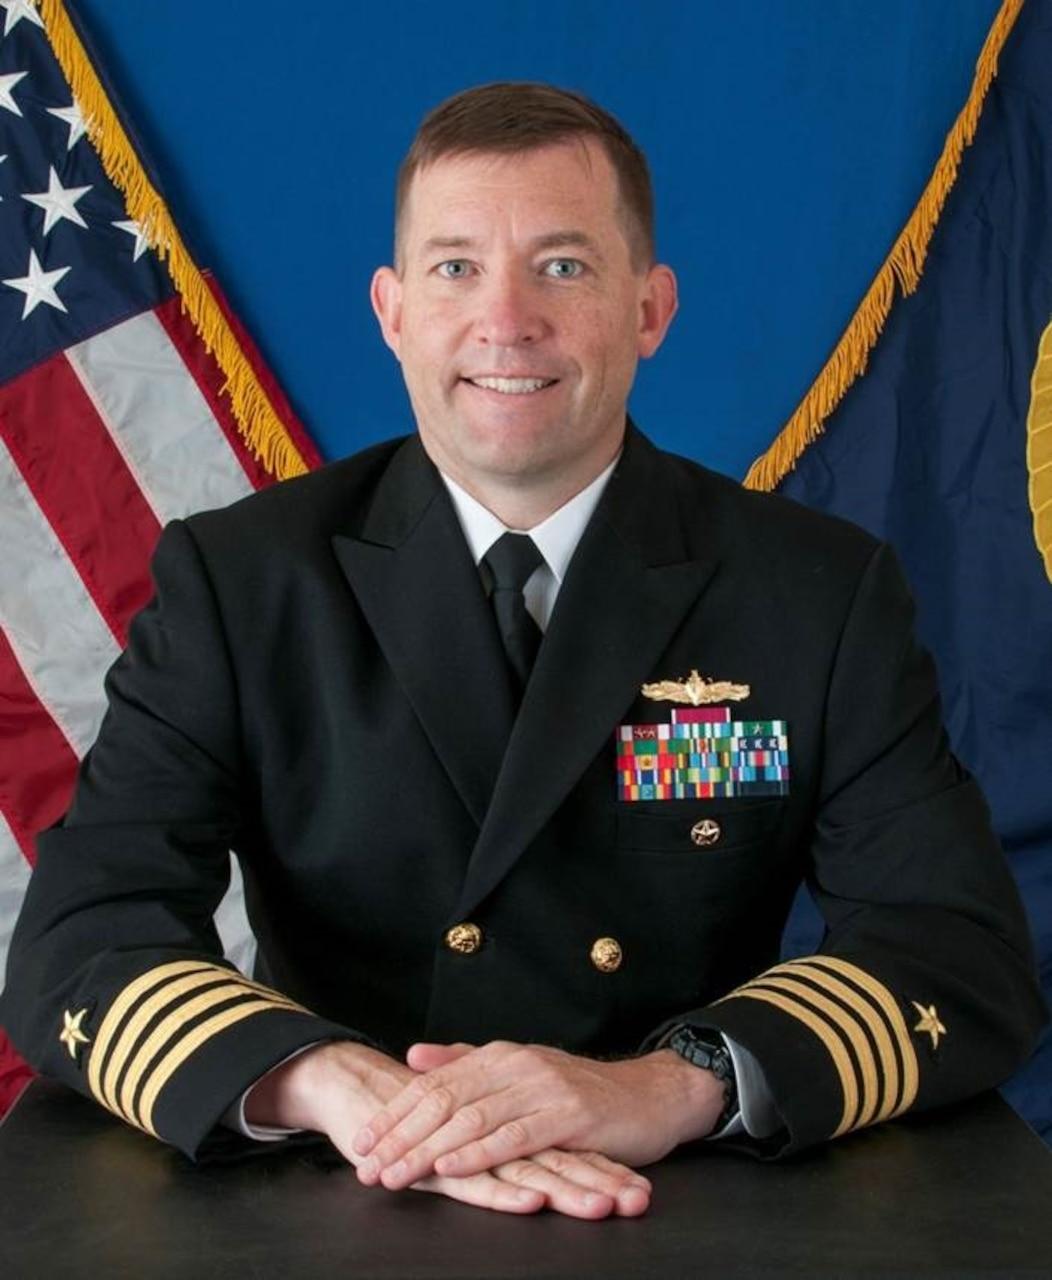 Captain Andrew Liggett